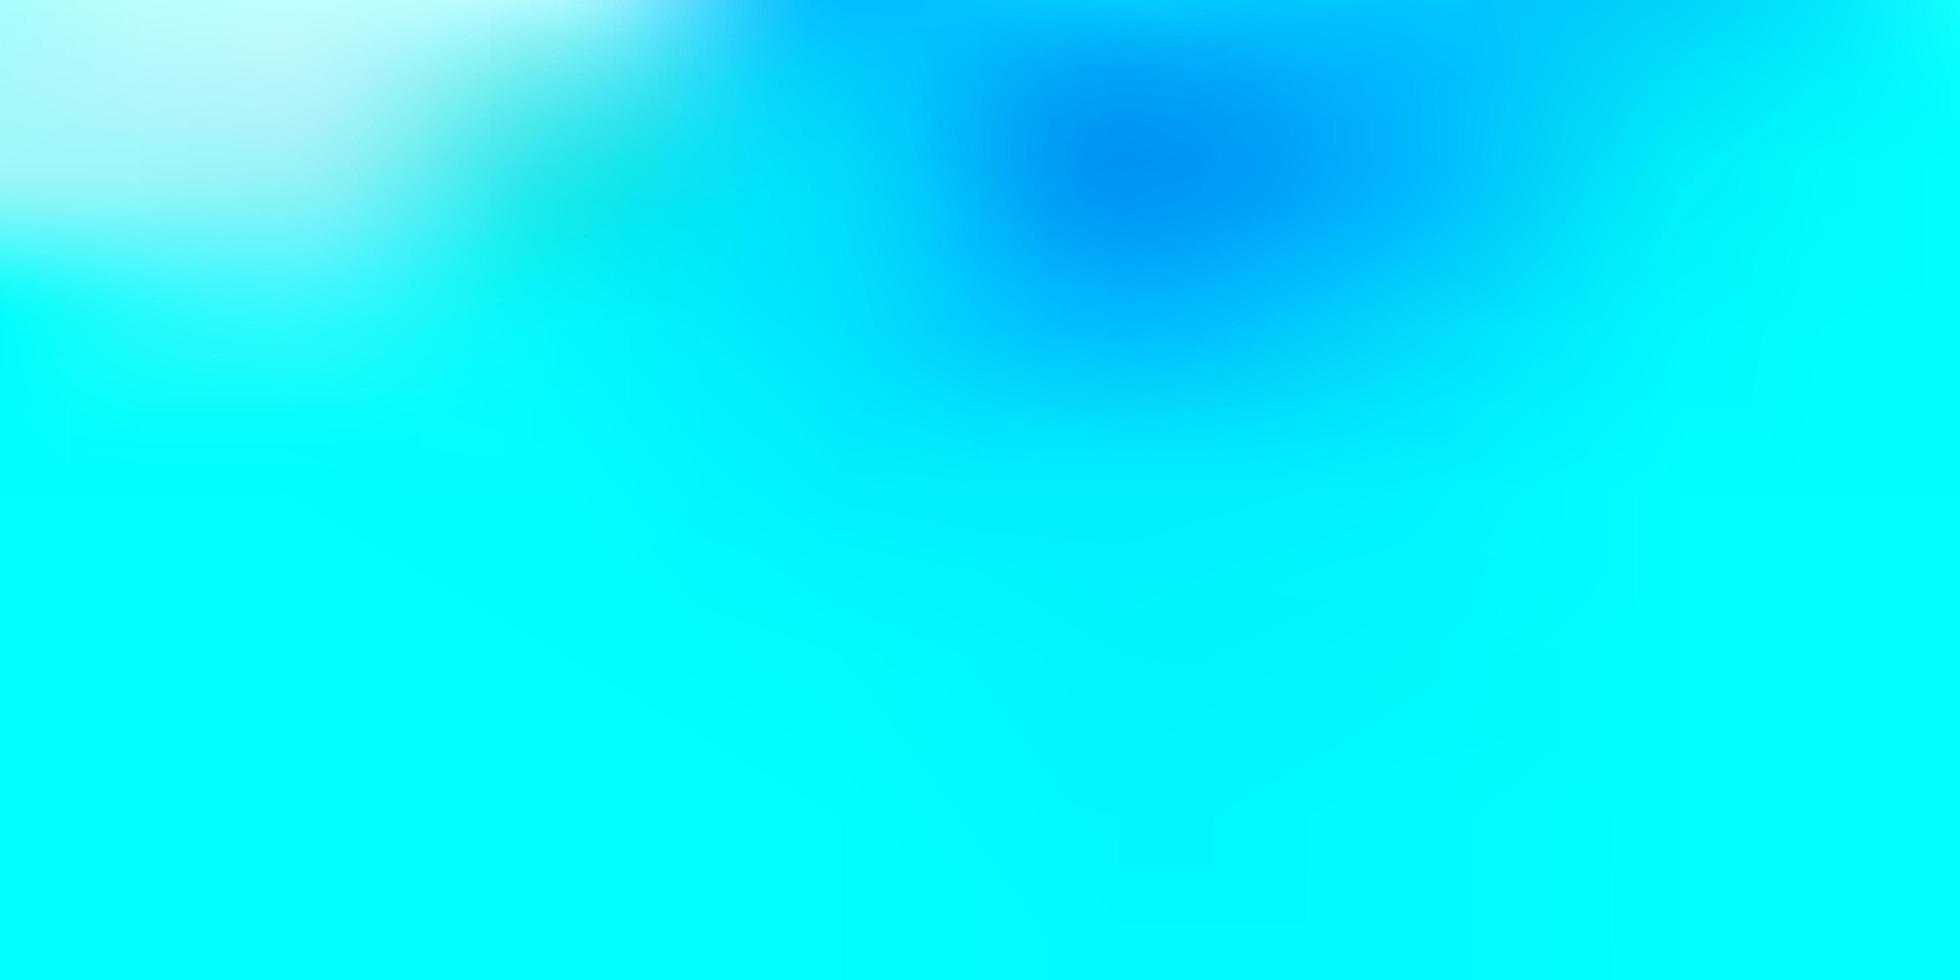 fundo desfocado de vetor azul claro.